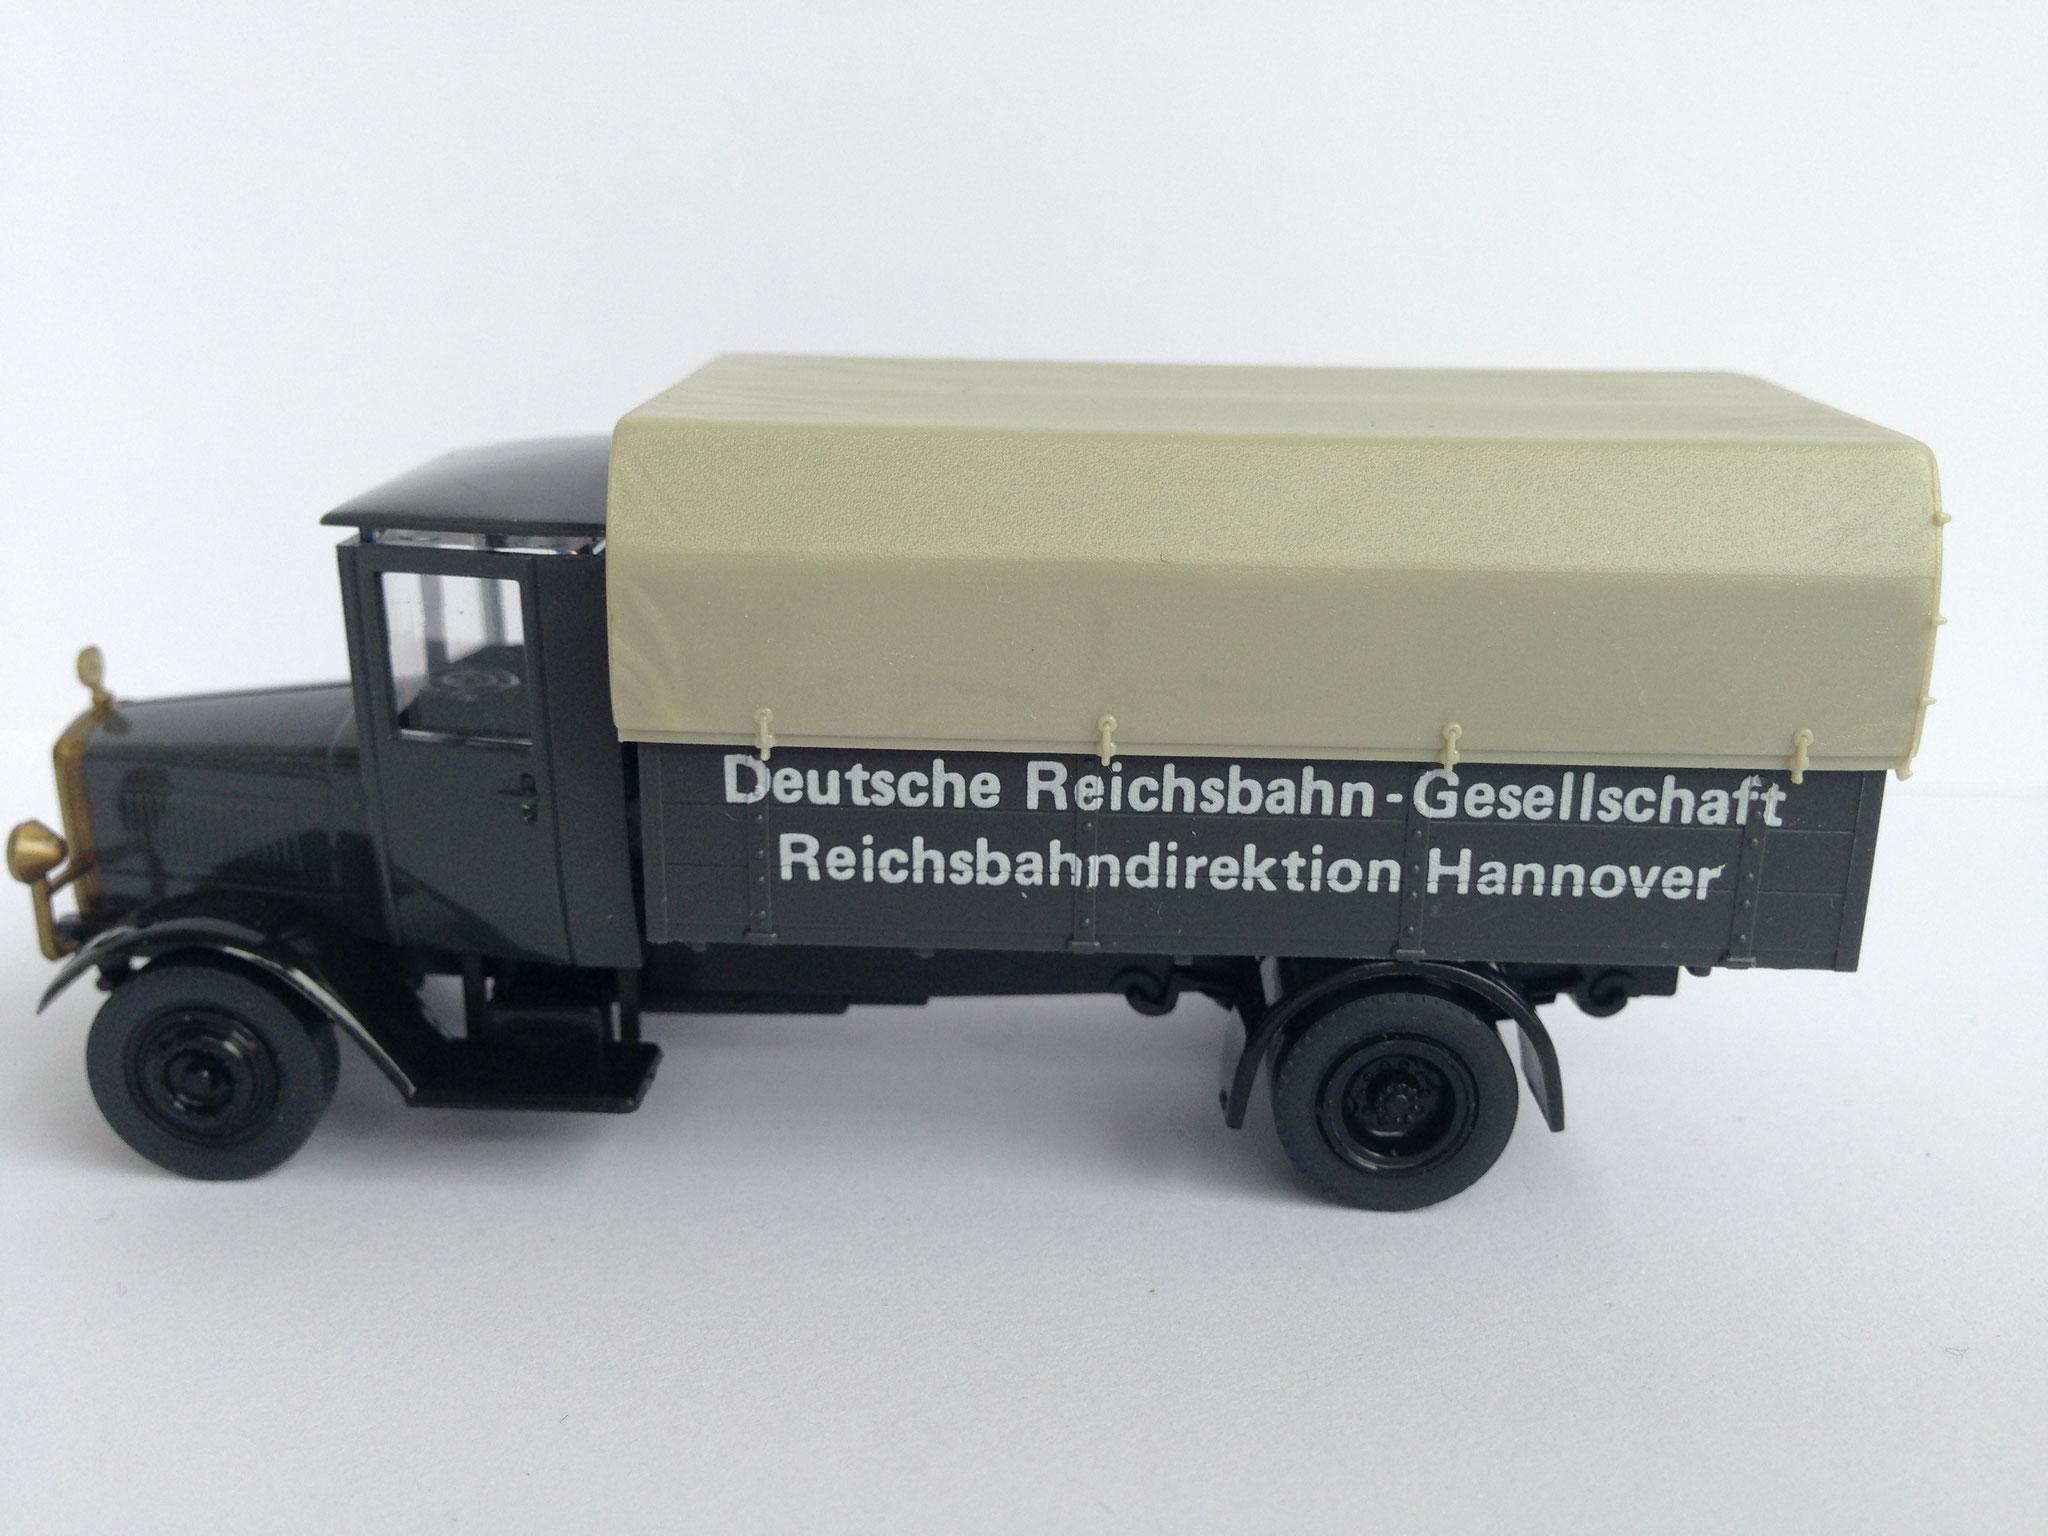 Mercedes L5 Deutsche Reichsbahn-Gesellschaft, Art. Nr. 1011 (ab 1989 im Programm)